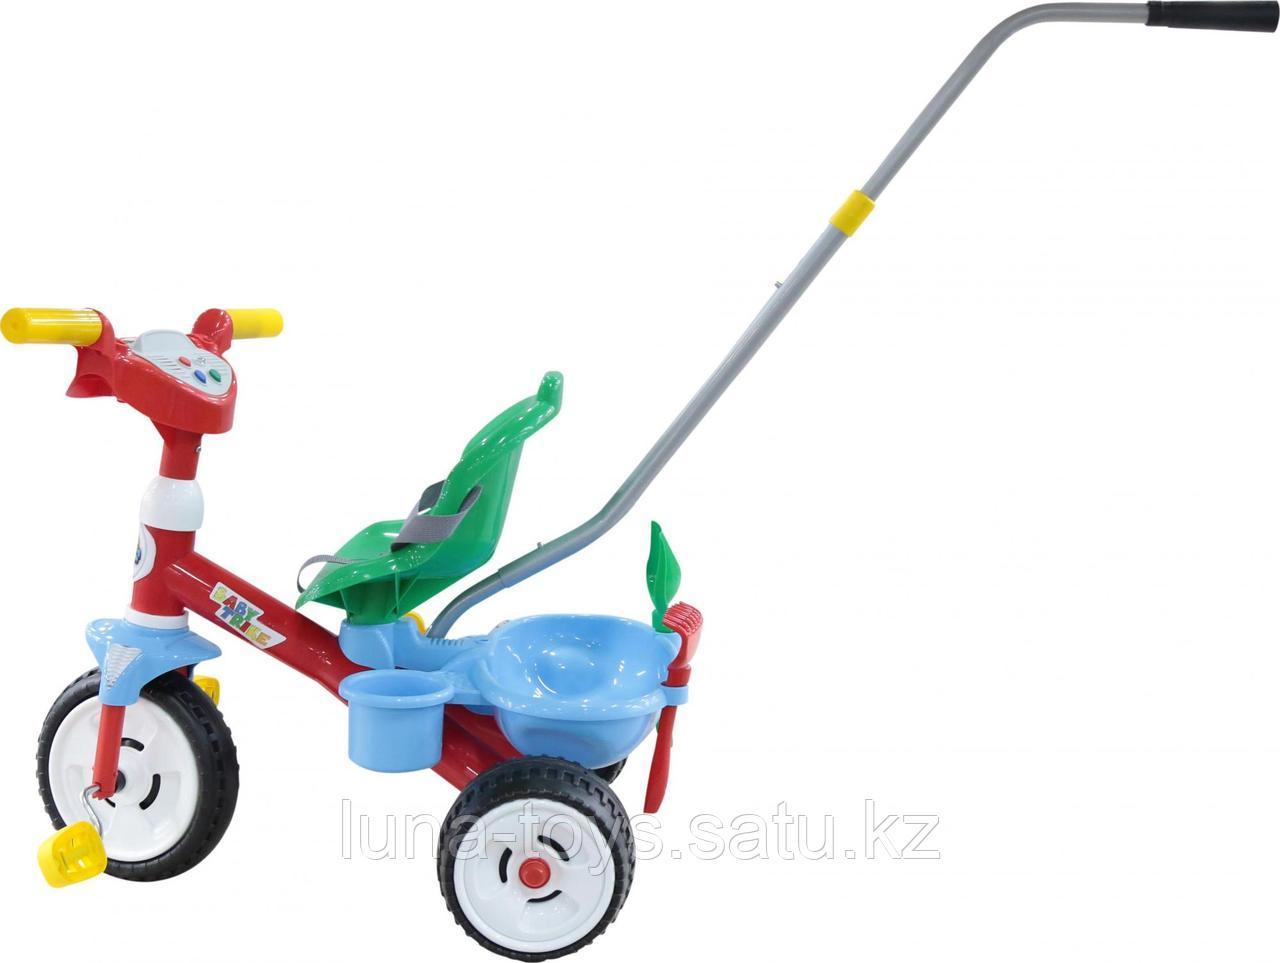 """Велосипед 3-х колёсный """"Беби Трайк"""" со звуковым сигналом и ремешком+Набор (2 элемента)"""